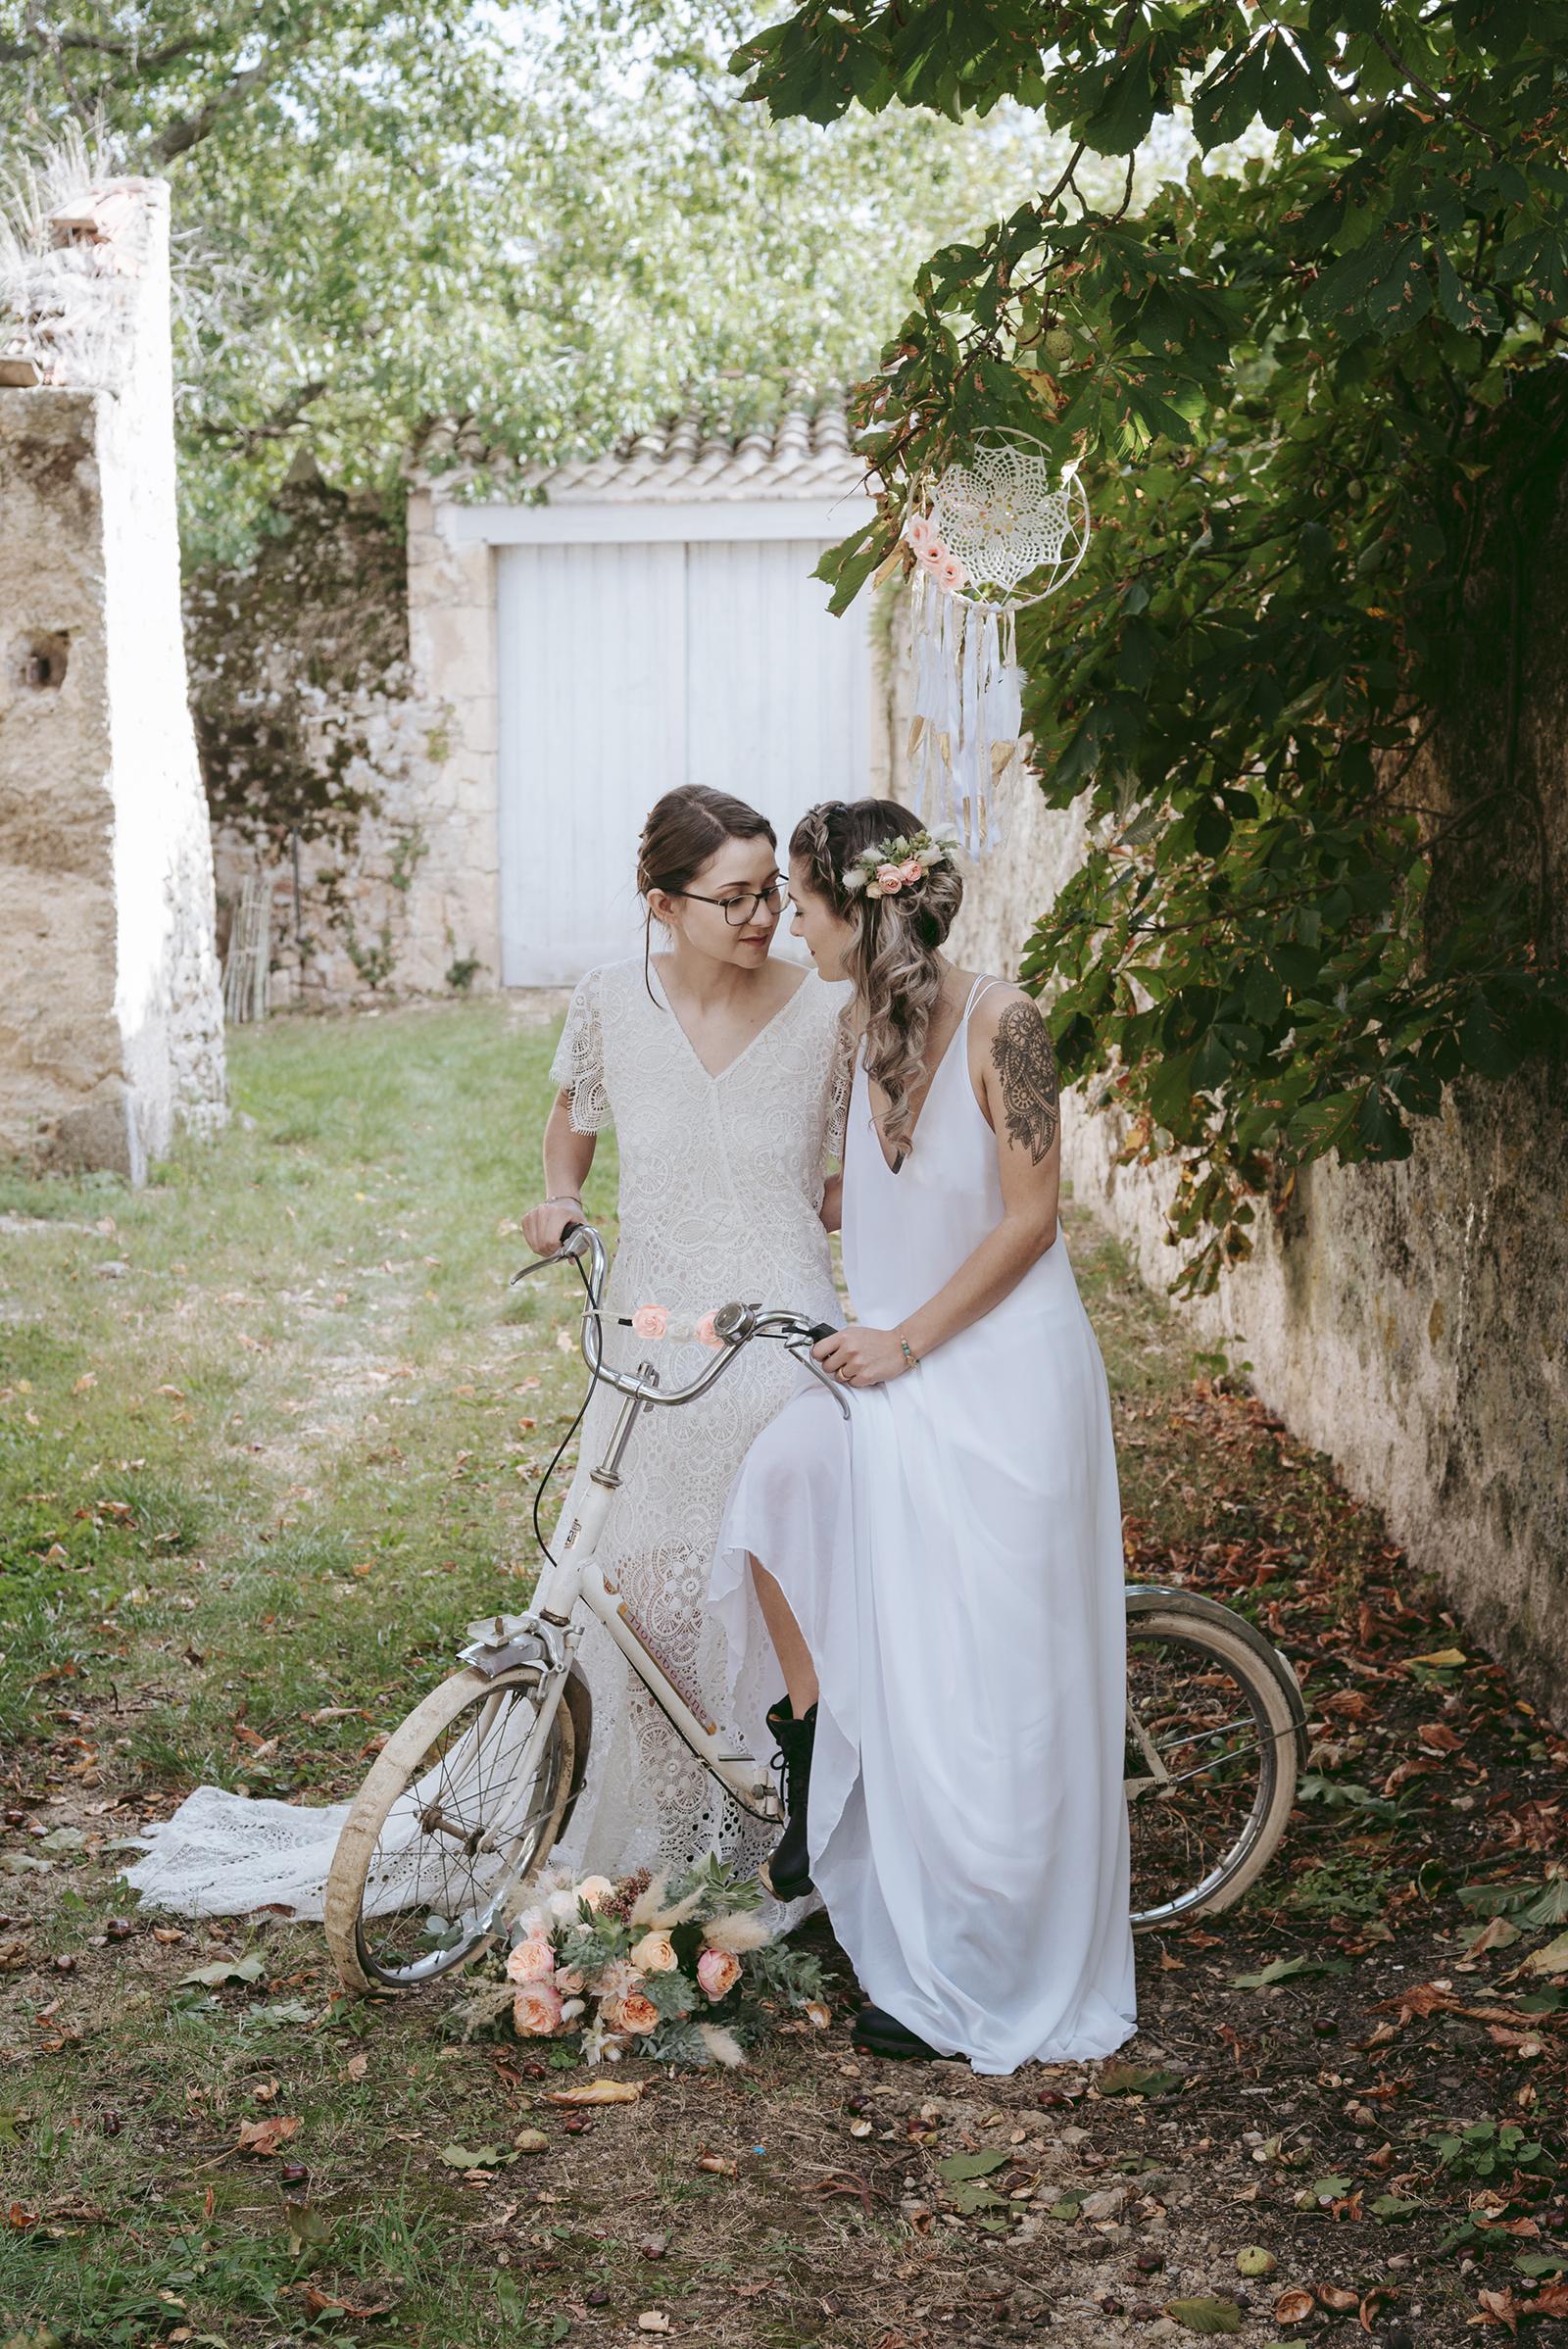 deux mariées sur un vélo dans un chemin avec une vieille porte